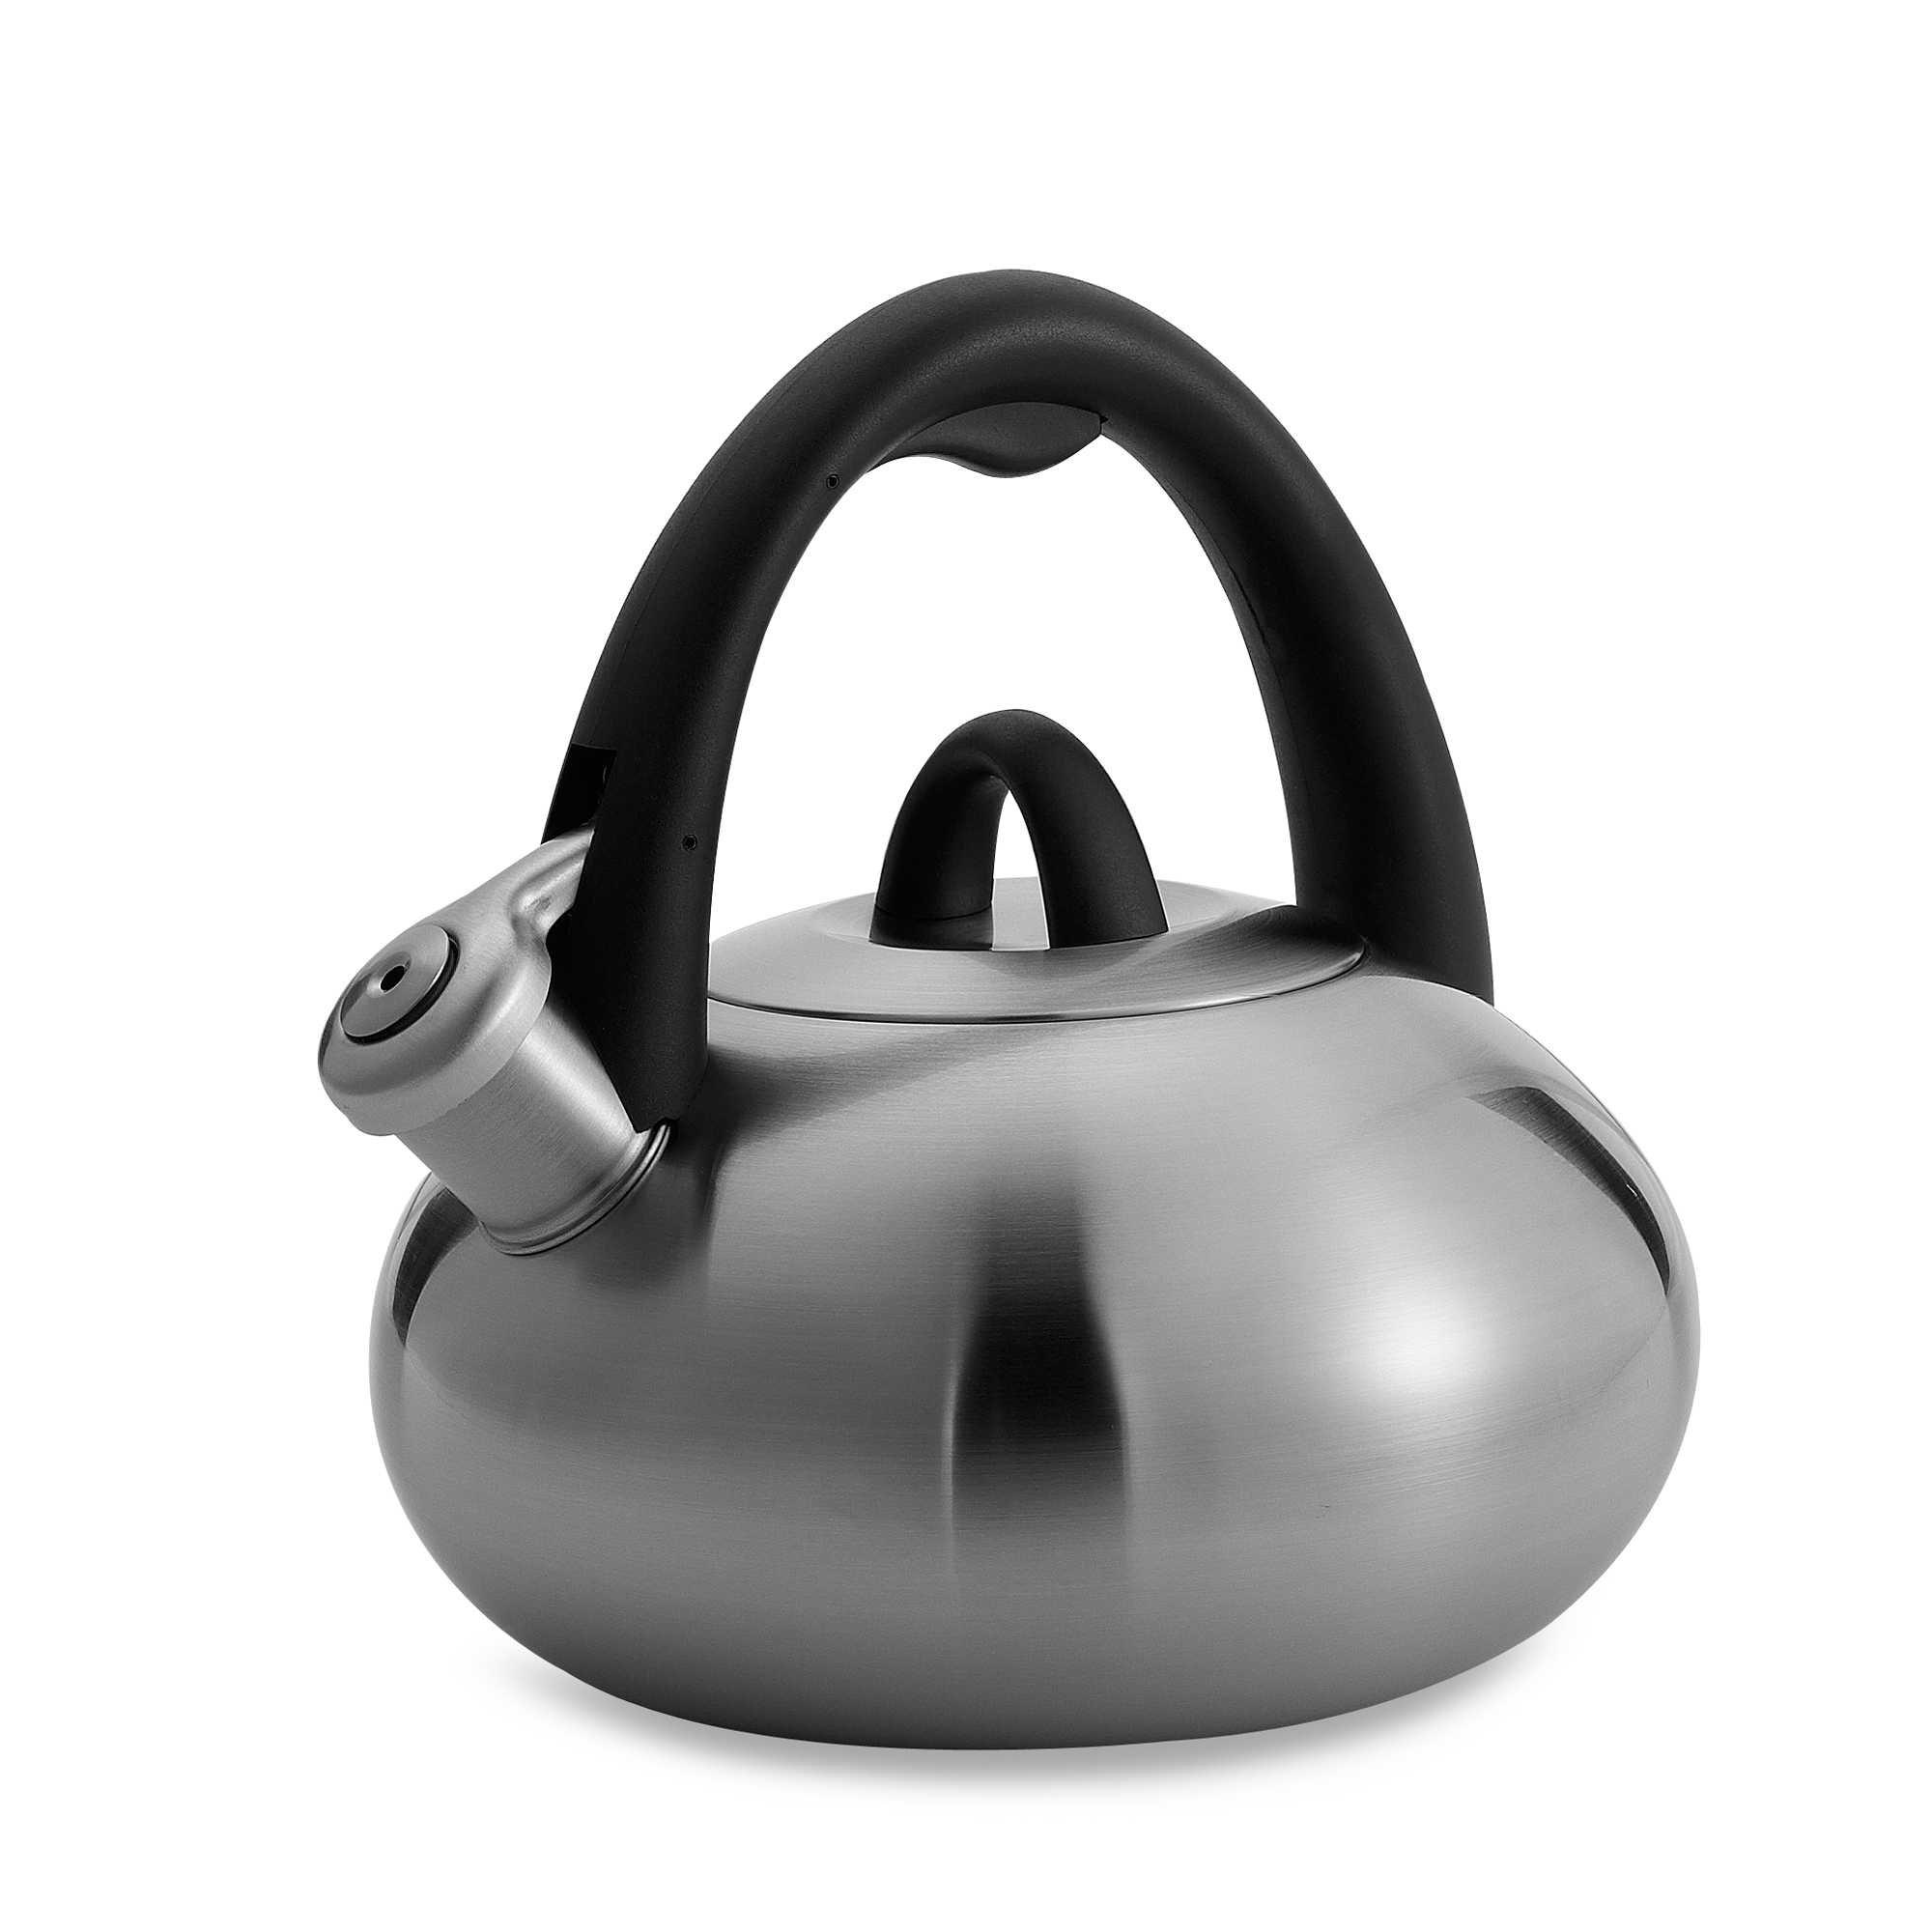 Calphalon Stainless Steel 2-Quart Tea Kettle